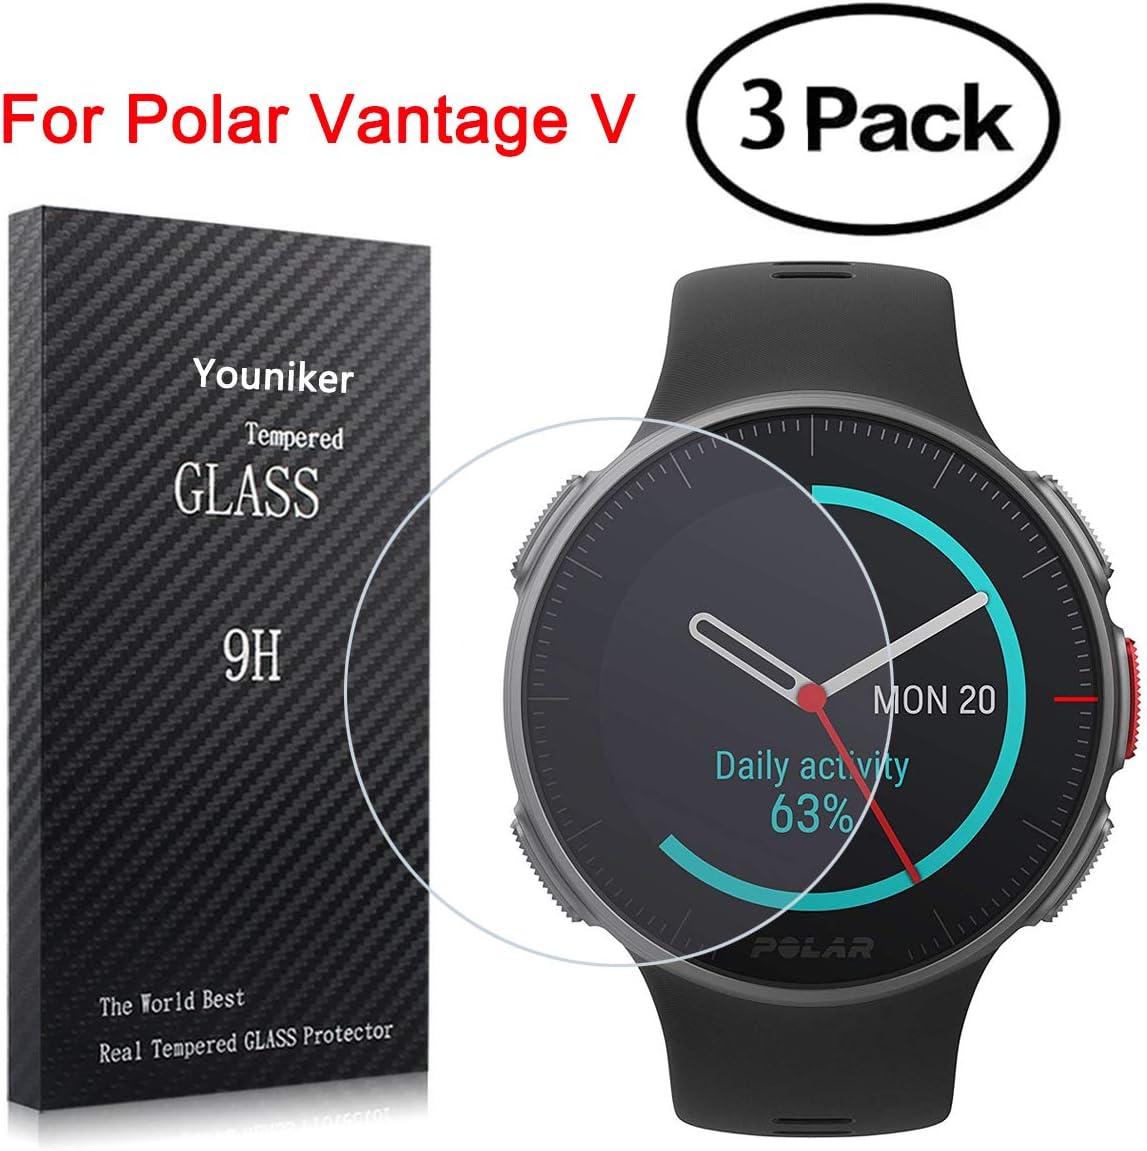 Youniker - Juego de 3 protectores de pantalla para Polar Vantage V, vidrio templado para Polar Vantage V Multisport Smart Watch, protector de pantalla de vidrio antiarañazos, antihuellas, sin burbujas